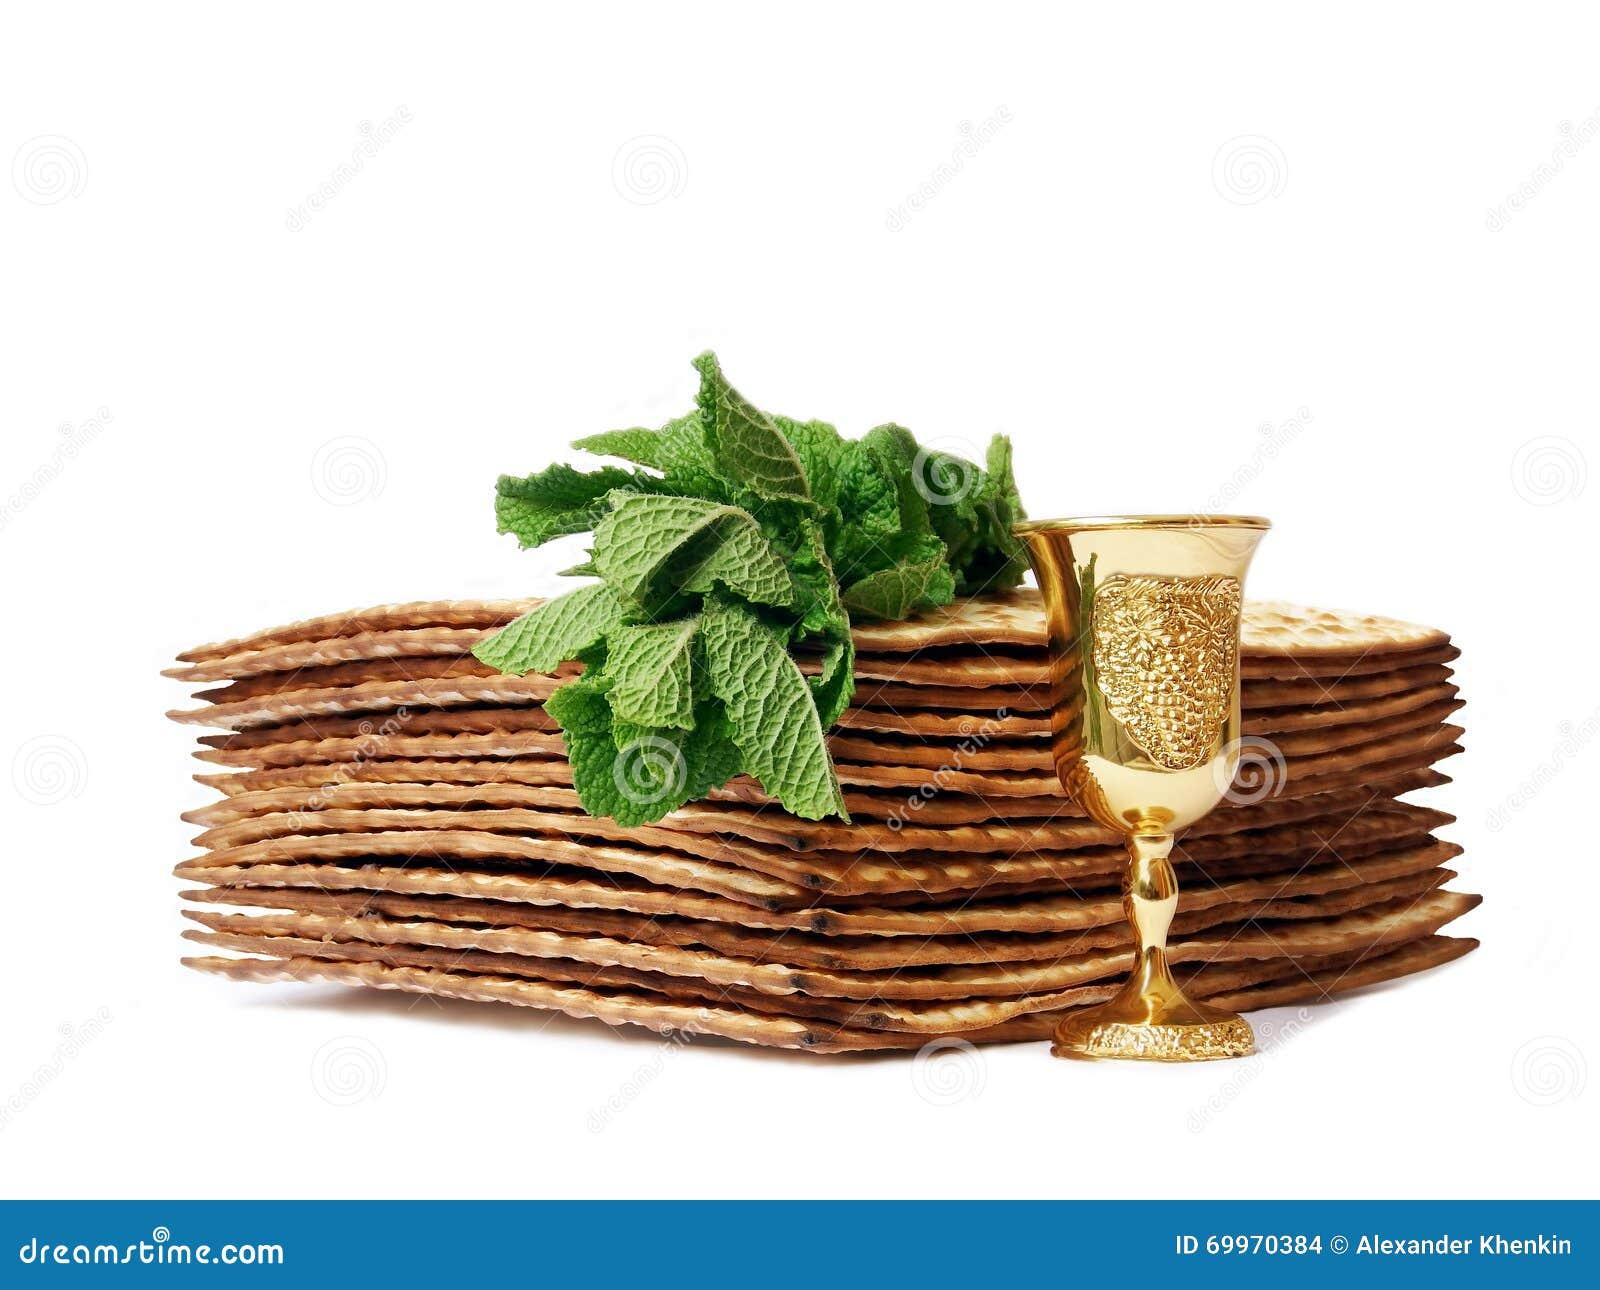 Symbols Of Passover Stock Photo Image Of Backdrop Celebration